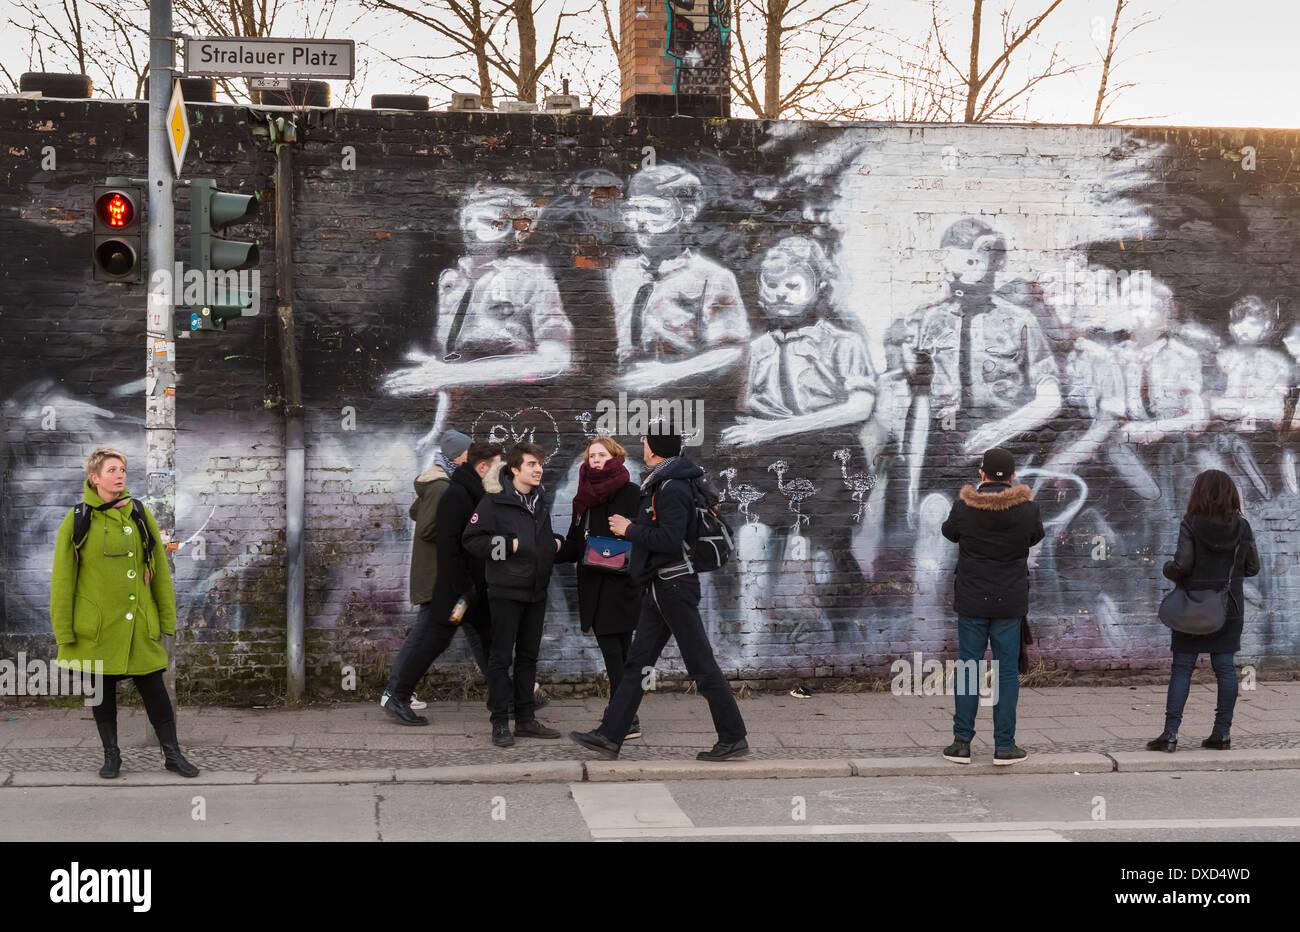 El famoso Muro de Berlín East Side Gallery, mostrando los murales sobre los restos del muro de Berlín en Berlín, Alemania, Europa Imagen De Stock